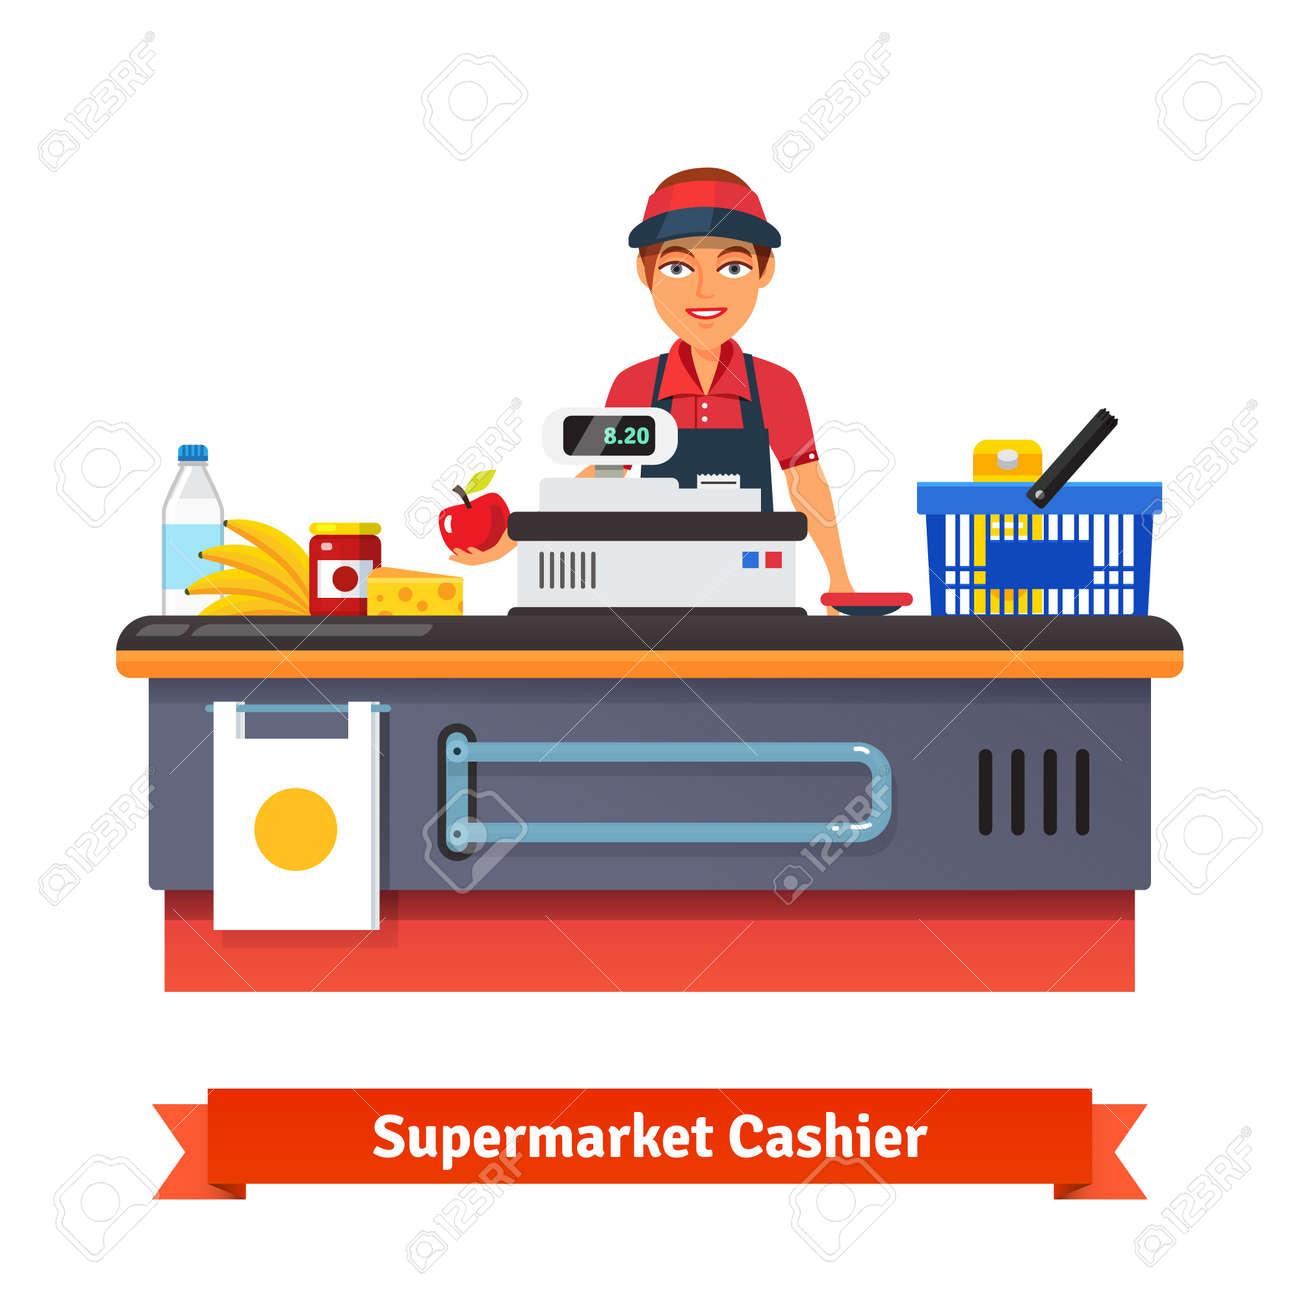 Supermercado equipo escritorio contador y secretario en uniforme de sonar las compras de comestibles. Ilustración vectorial de estilo plano aislado en fondo blanco. Foto de archivo - 47493849